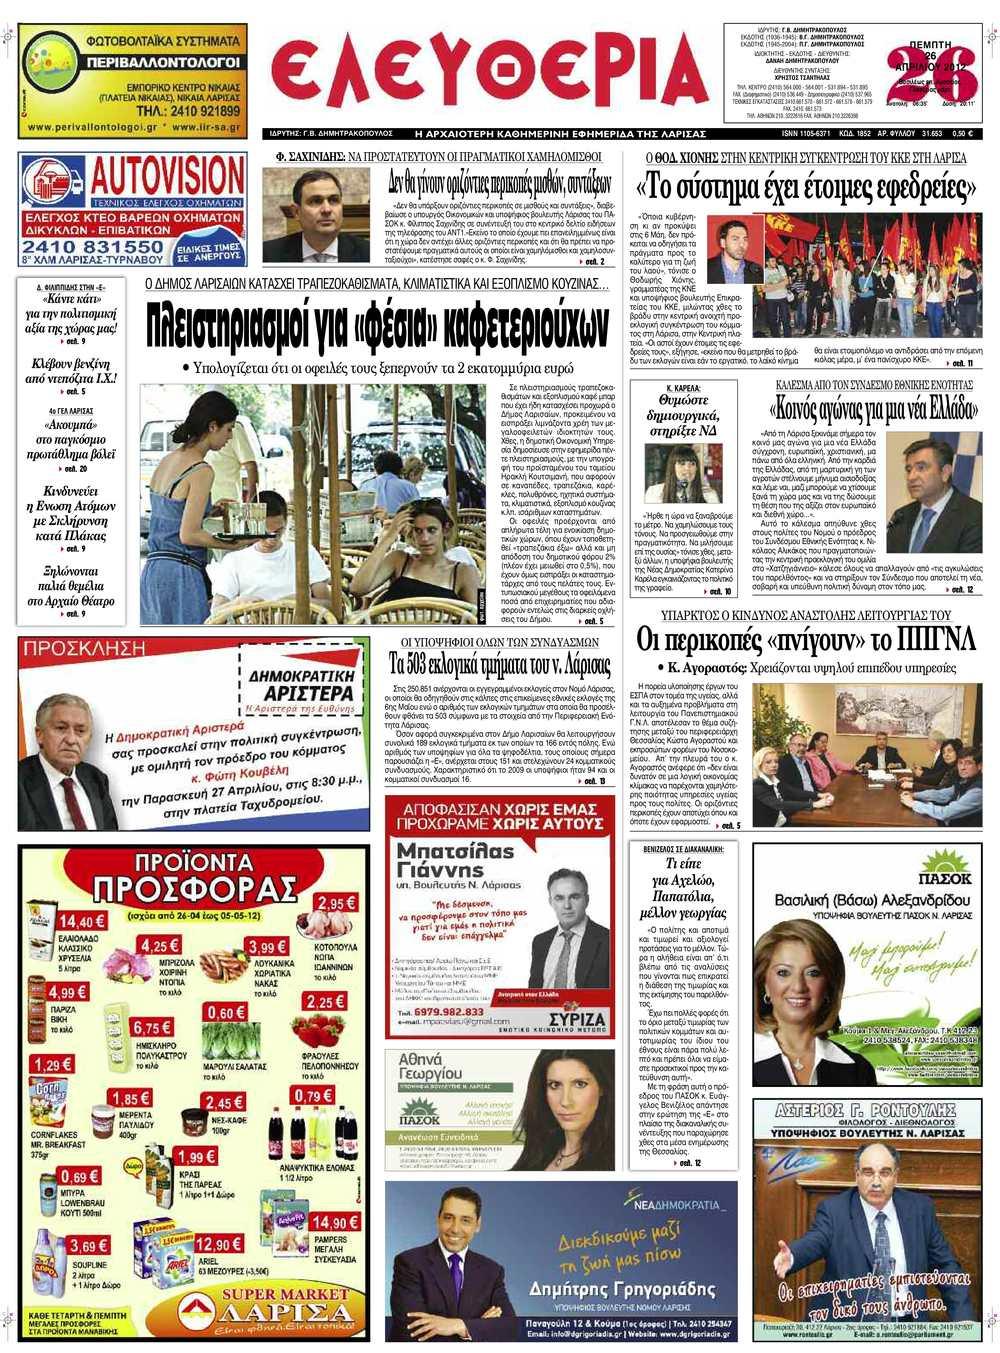 Calaméo - Eleftheria.gr 26 04 2012 1ee3e6b64b8